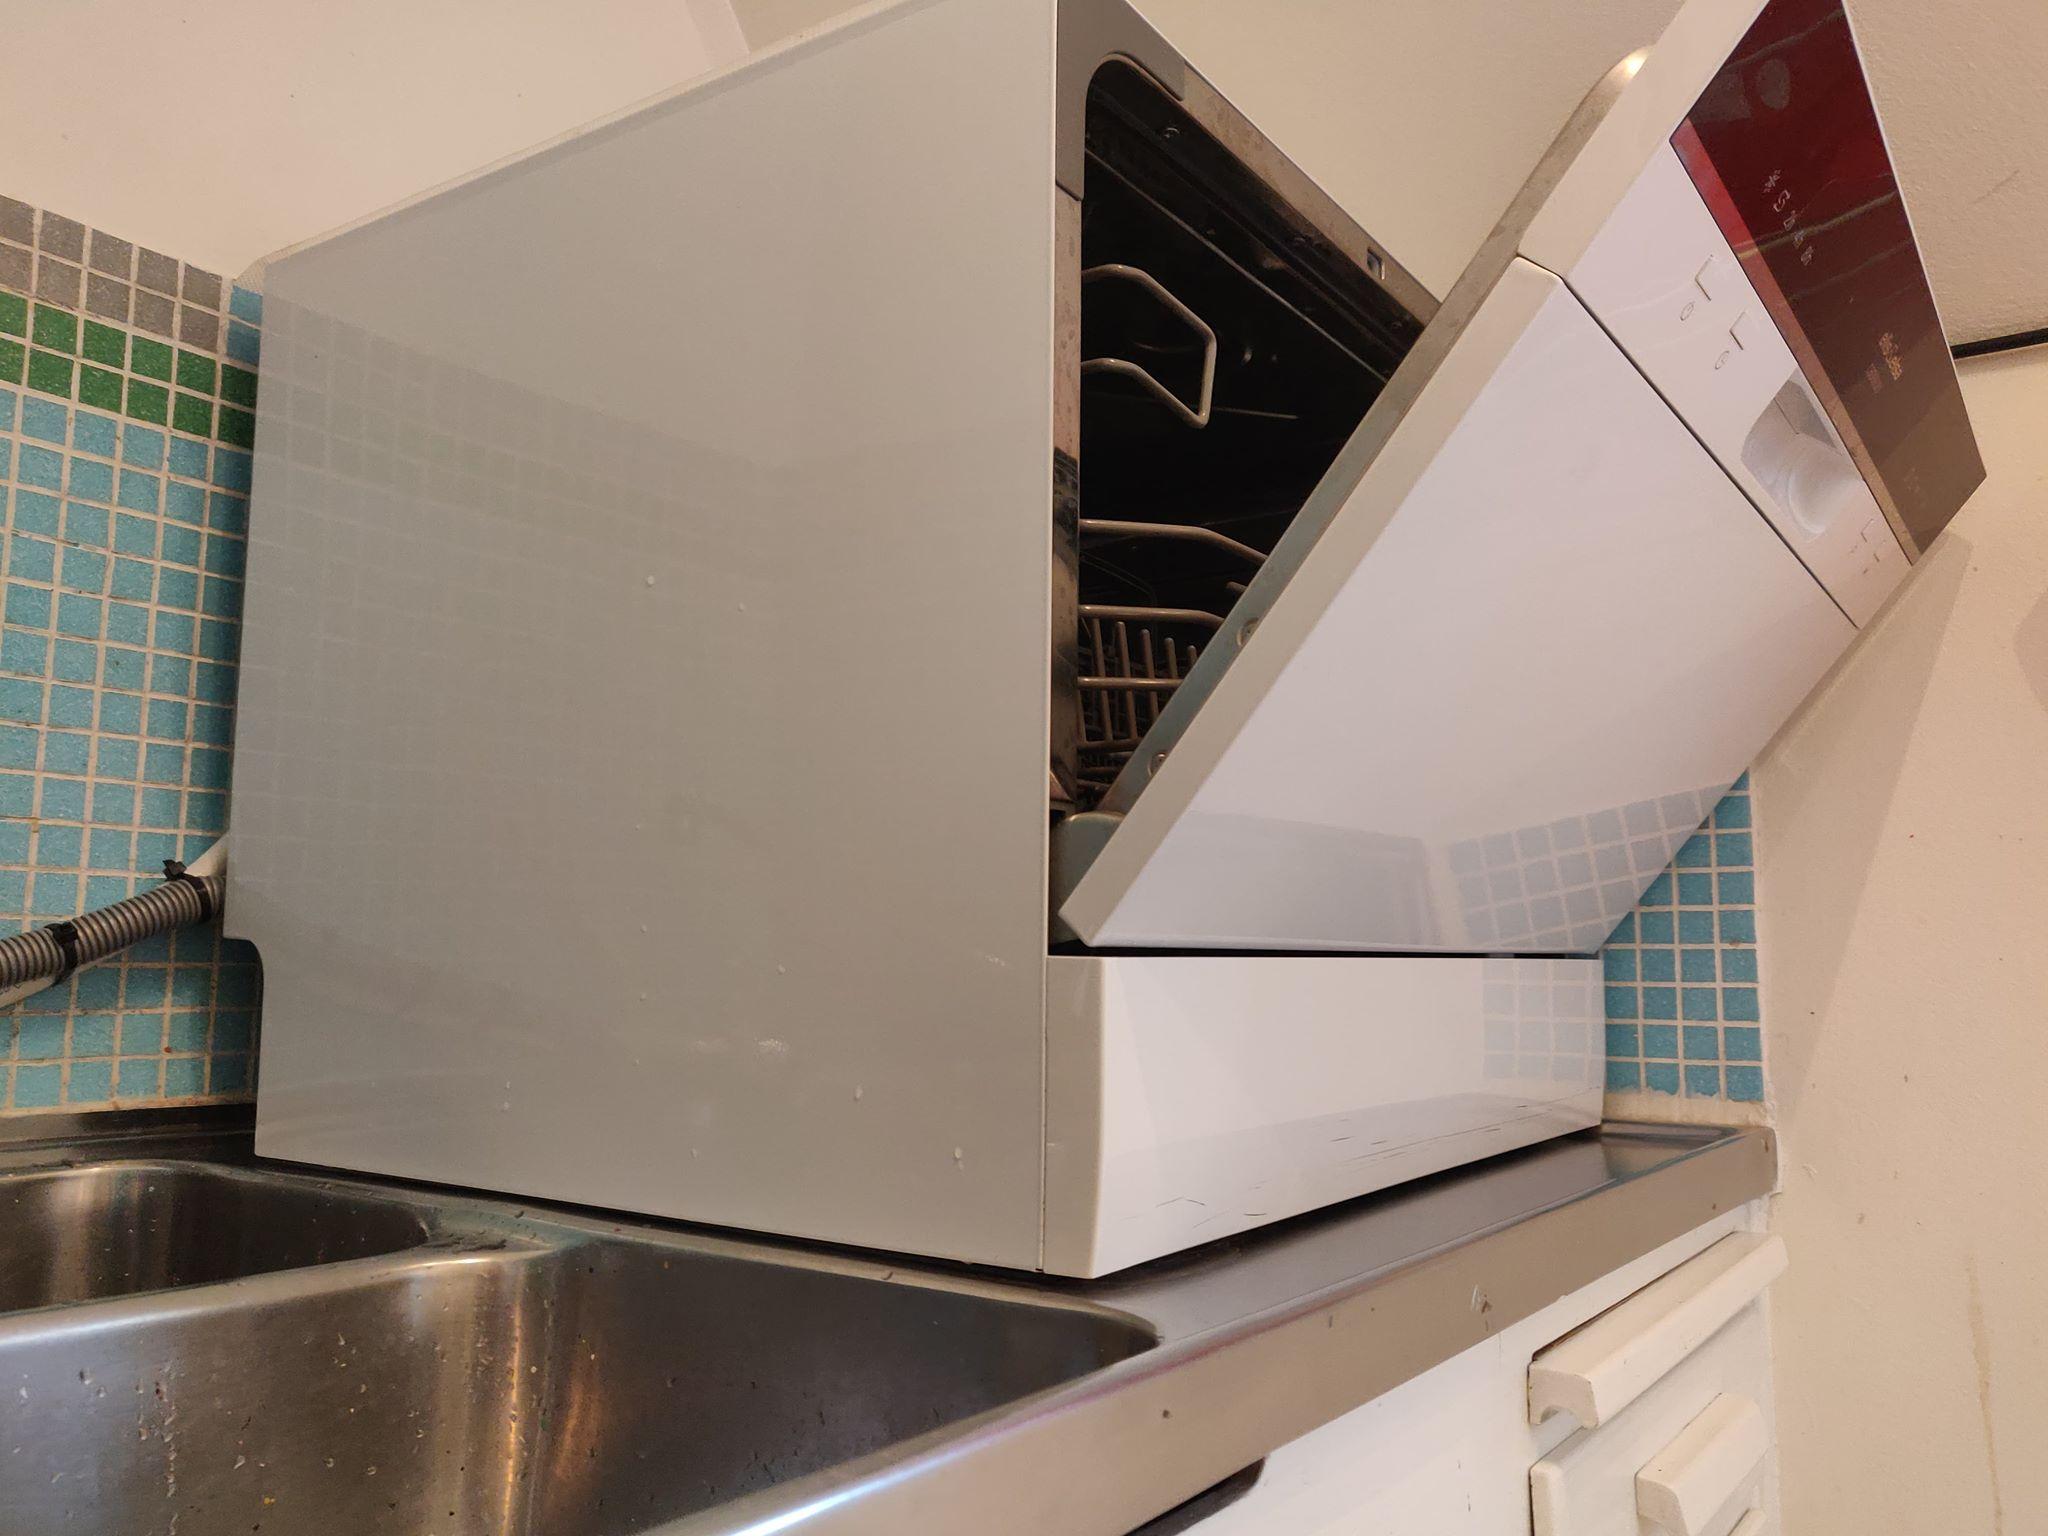 En bänkdiskmaskin som står på en köksbänk.